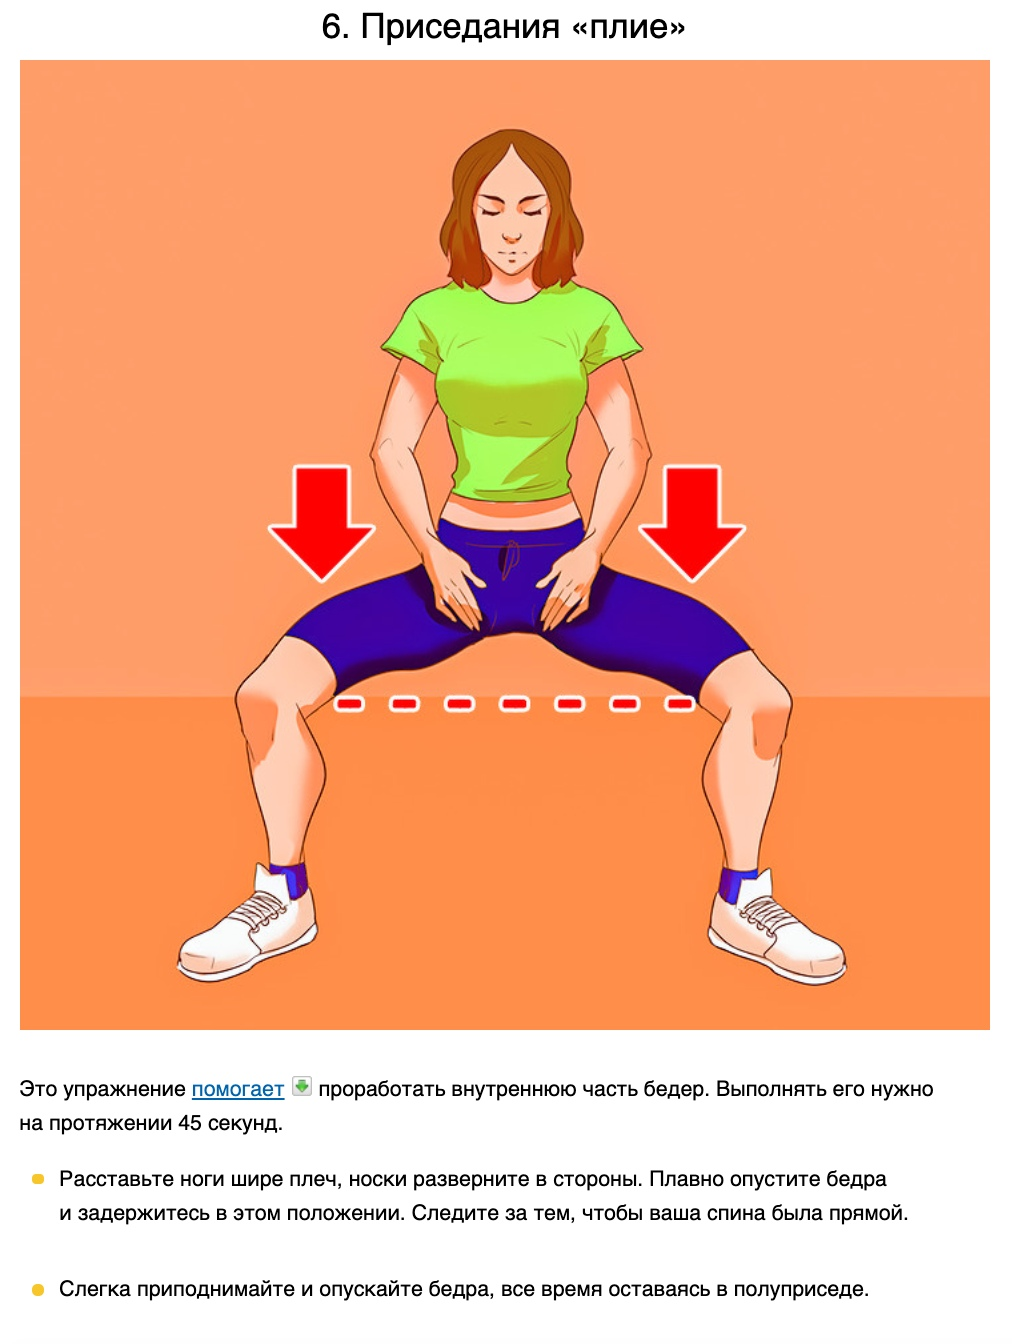 9 упражнений для быстрого похудения, которые можно делать дома без всякого железа и тренажеров